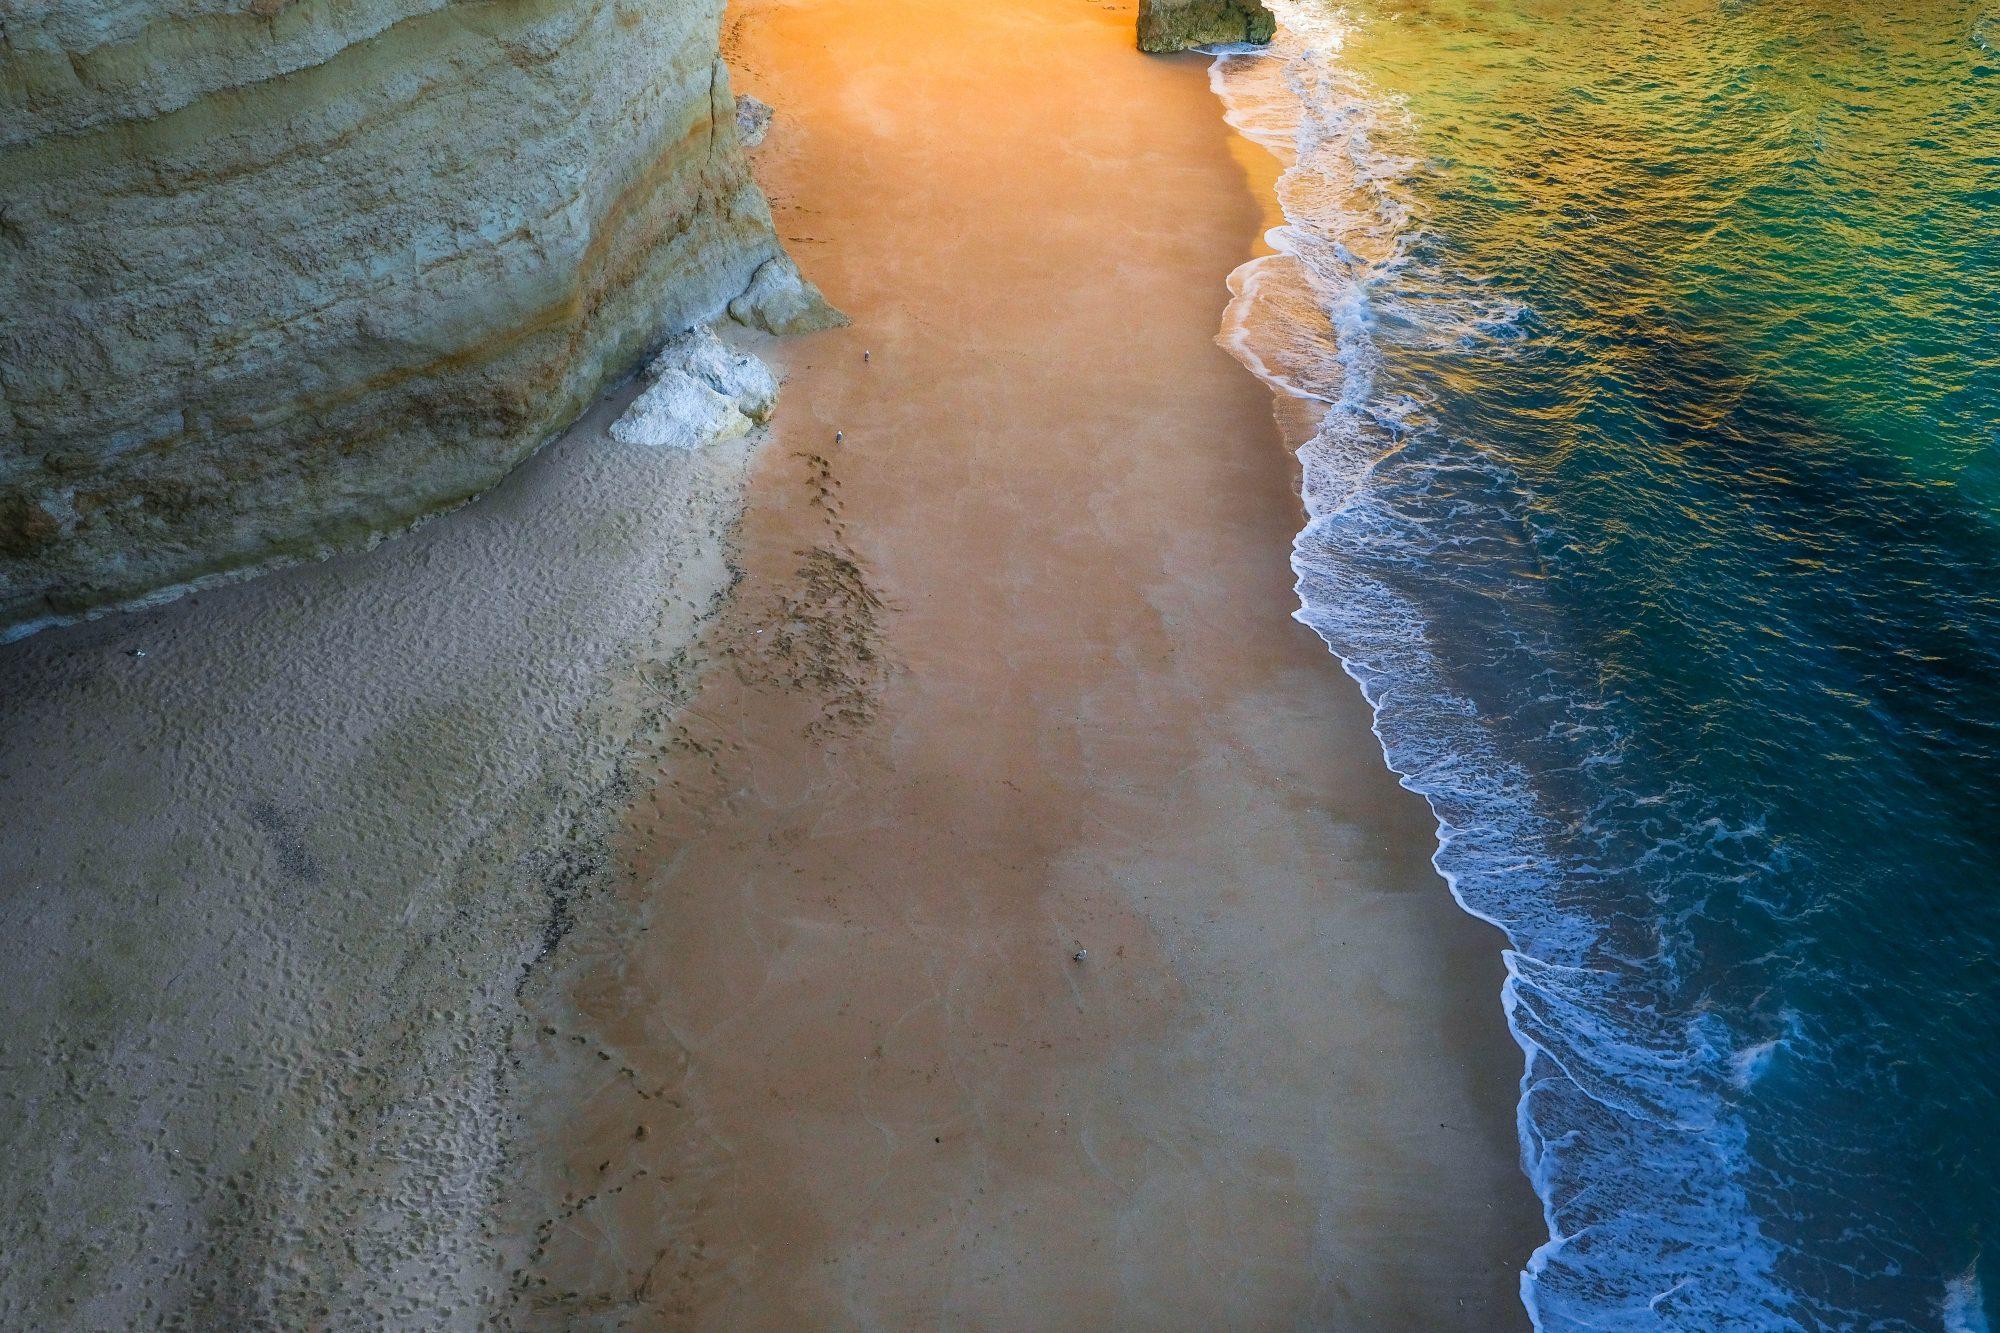 Melting Pot de couleurs - Lagoa, Portugal